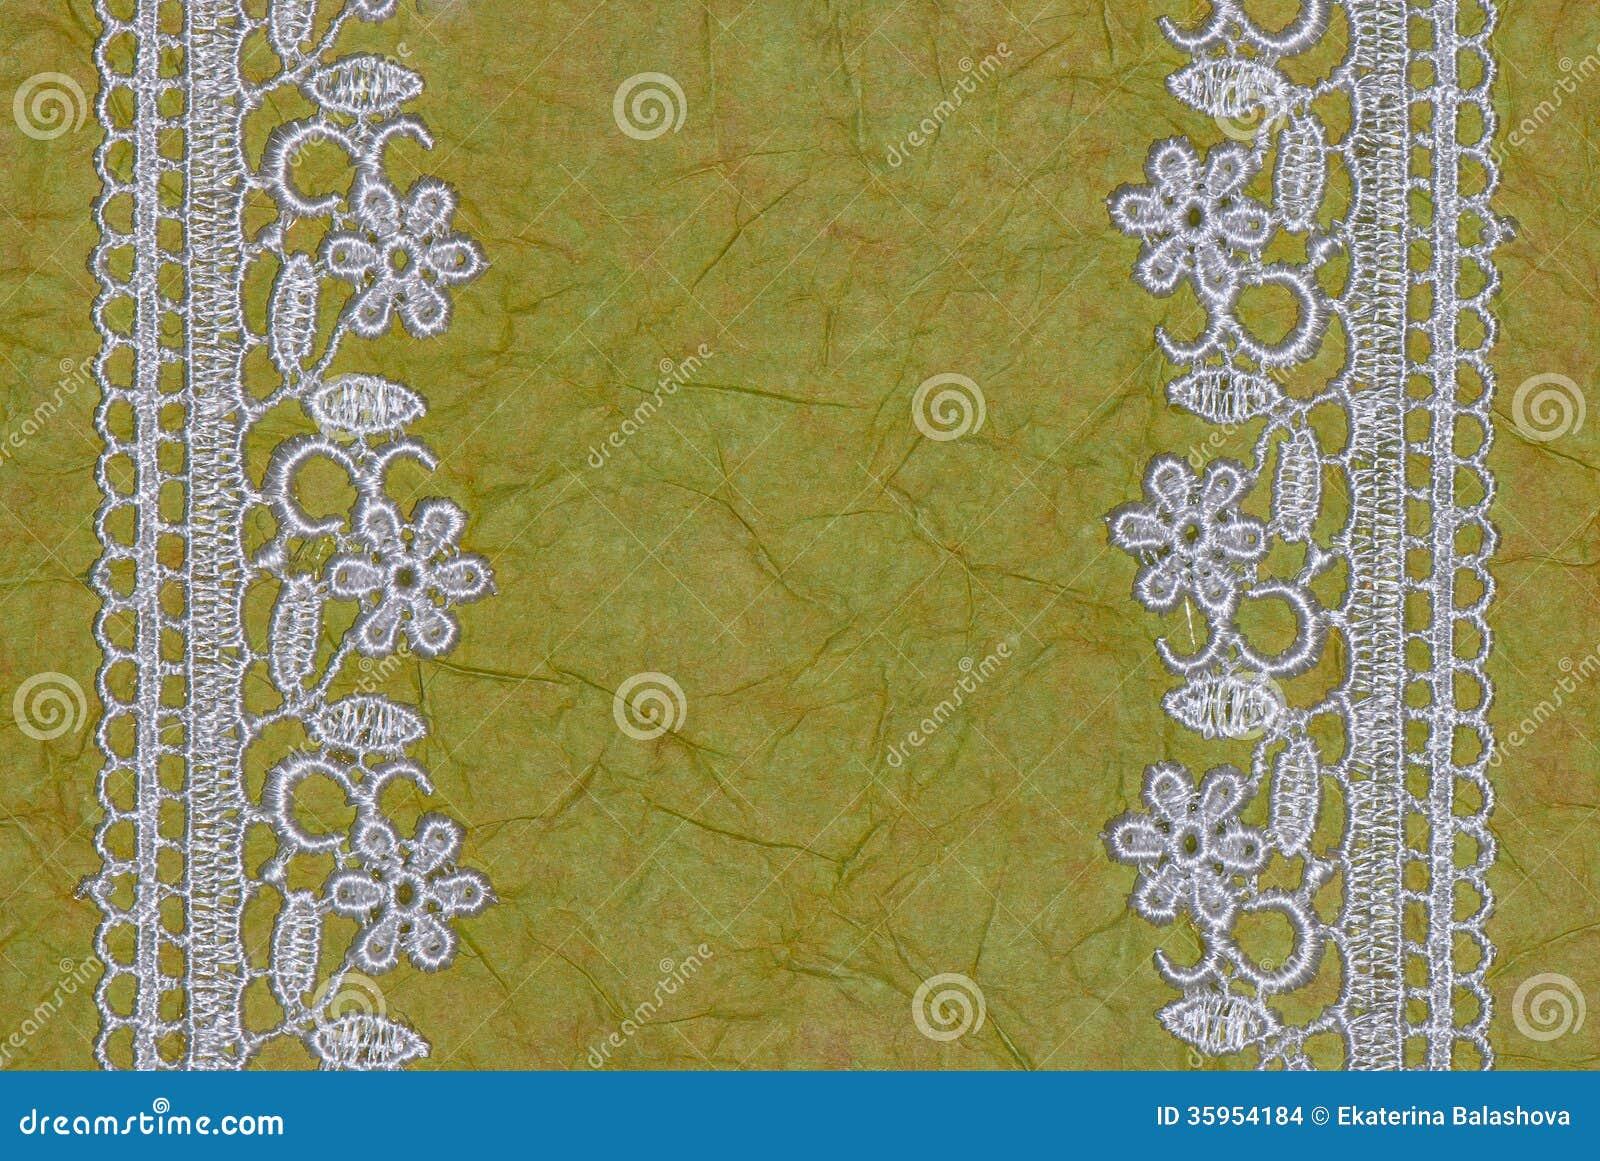 Libro Verde y cordón. fondo